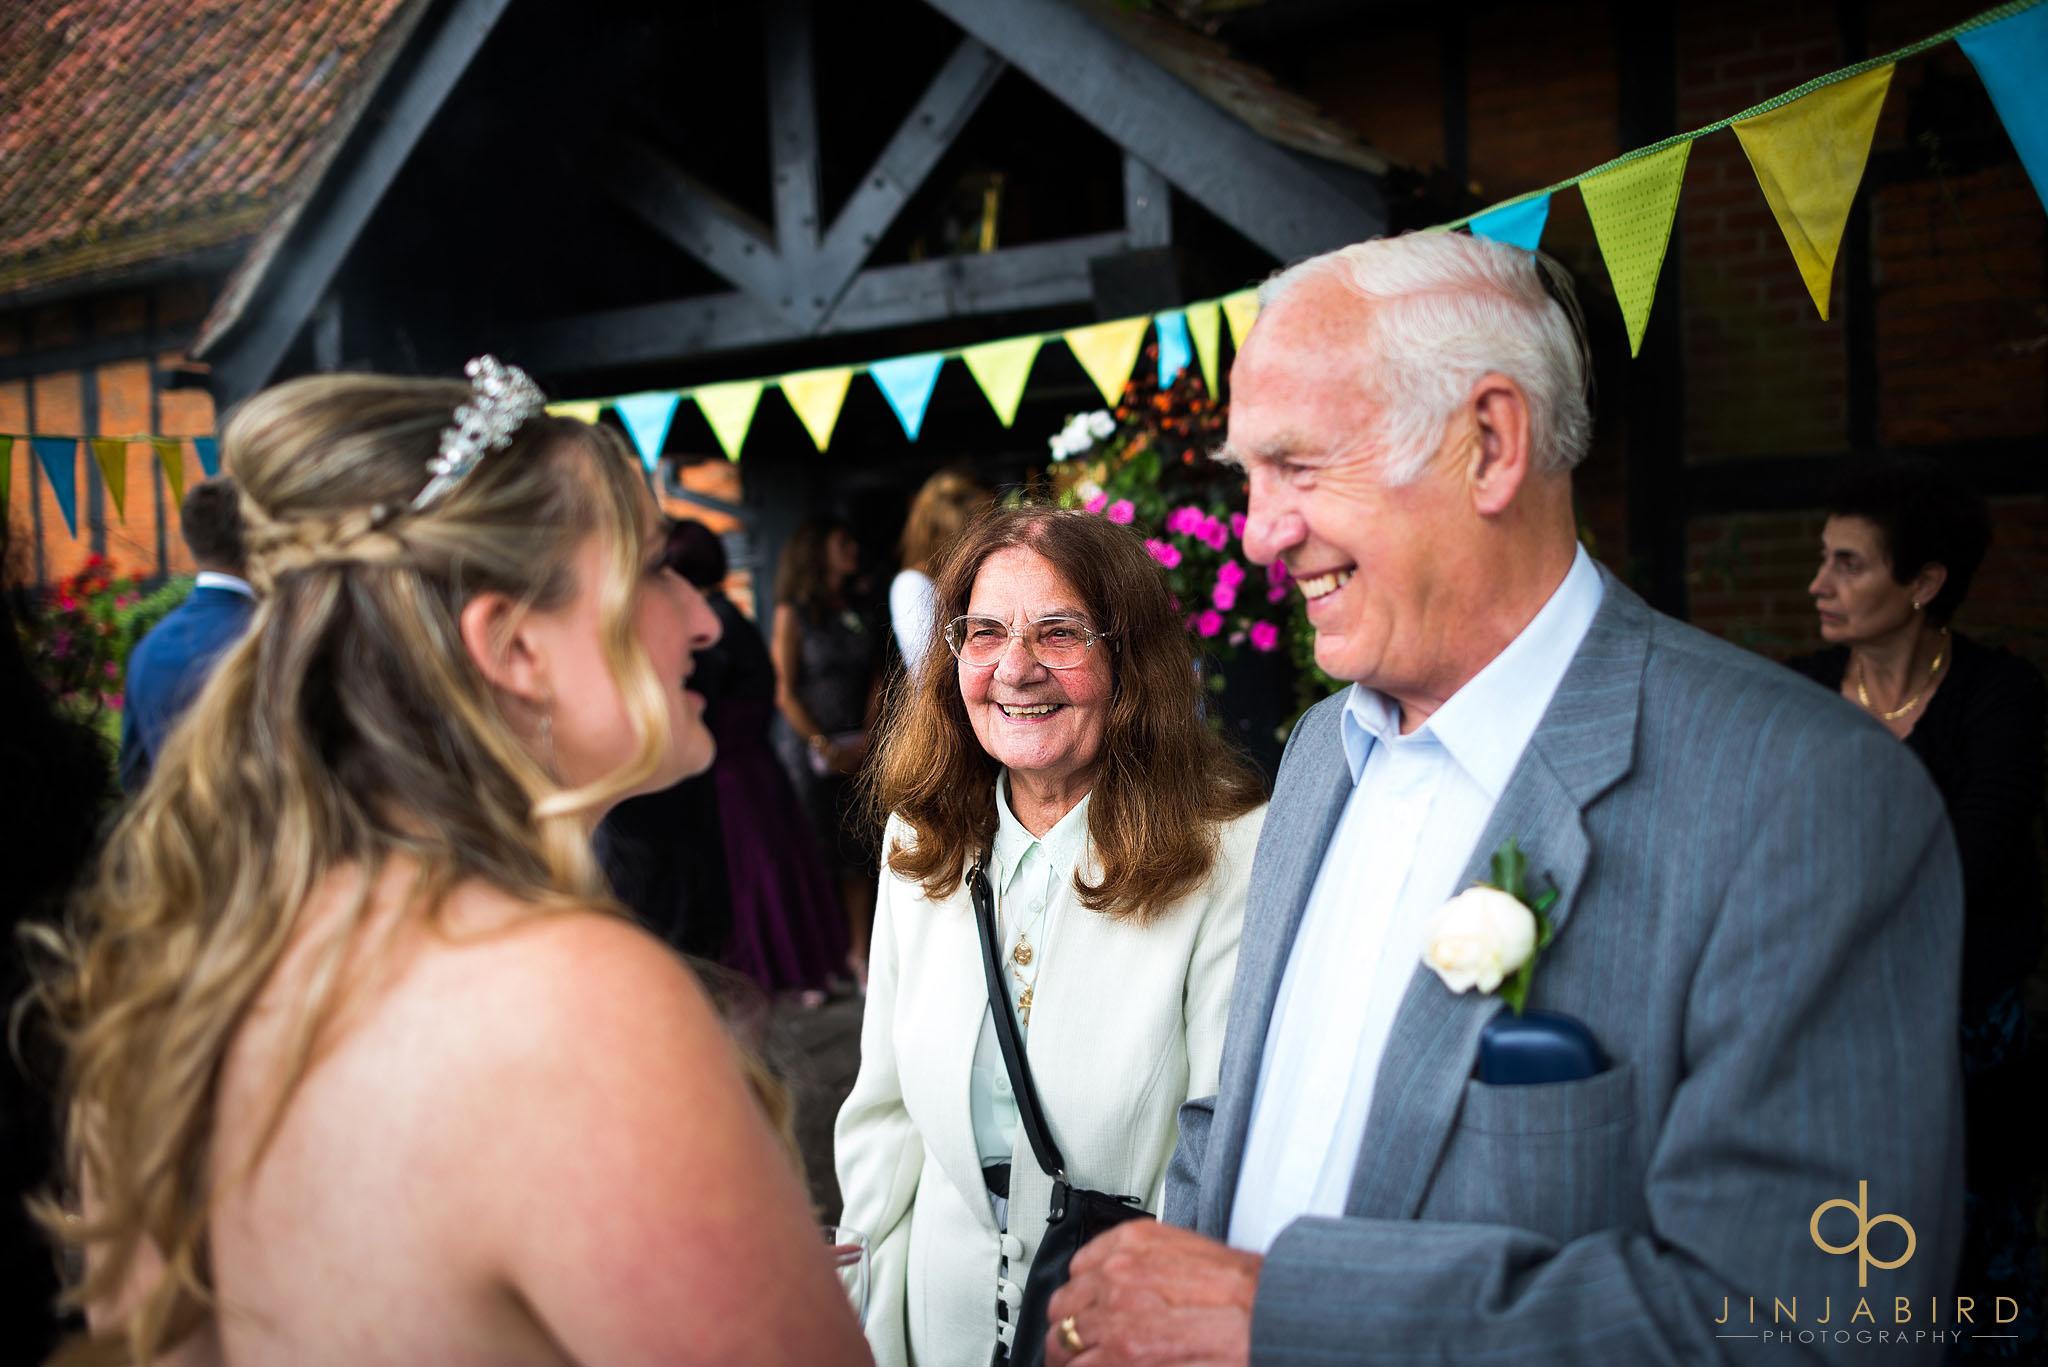 wedding-guests-with-bride